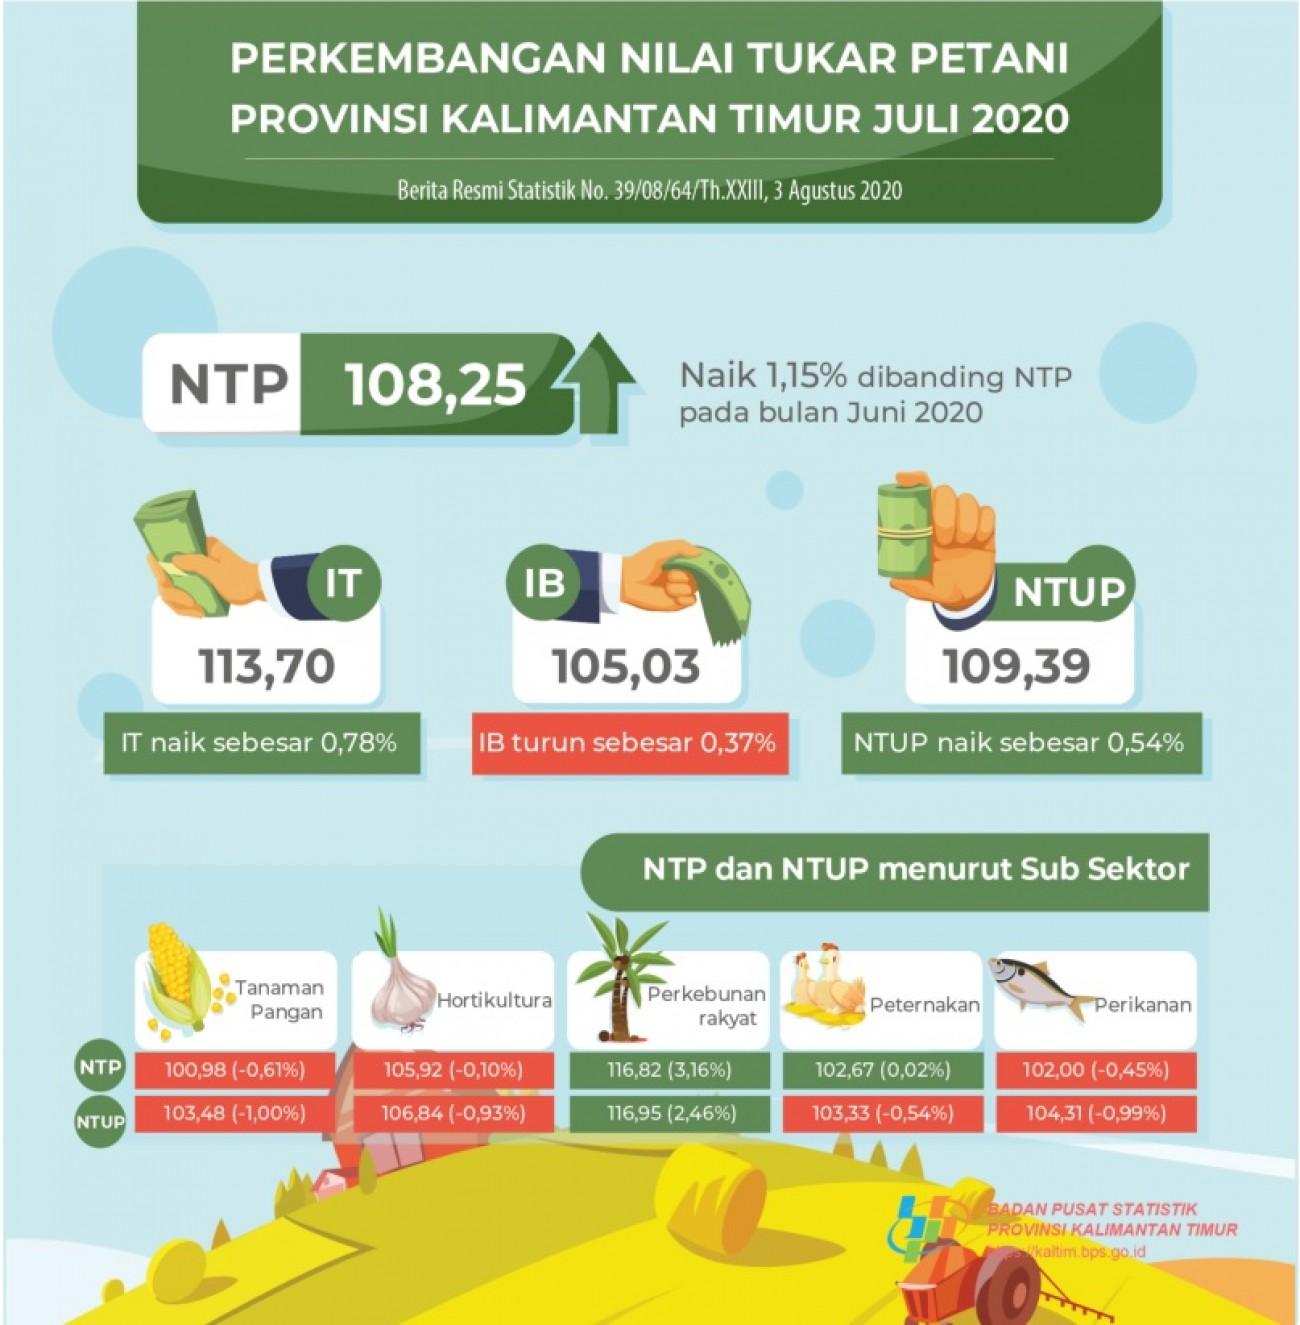 NTPT Peternakan Kembali Naik di Bulan Juli